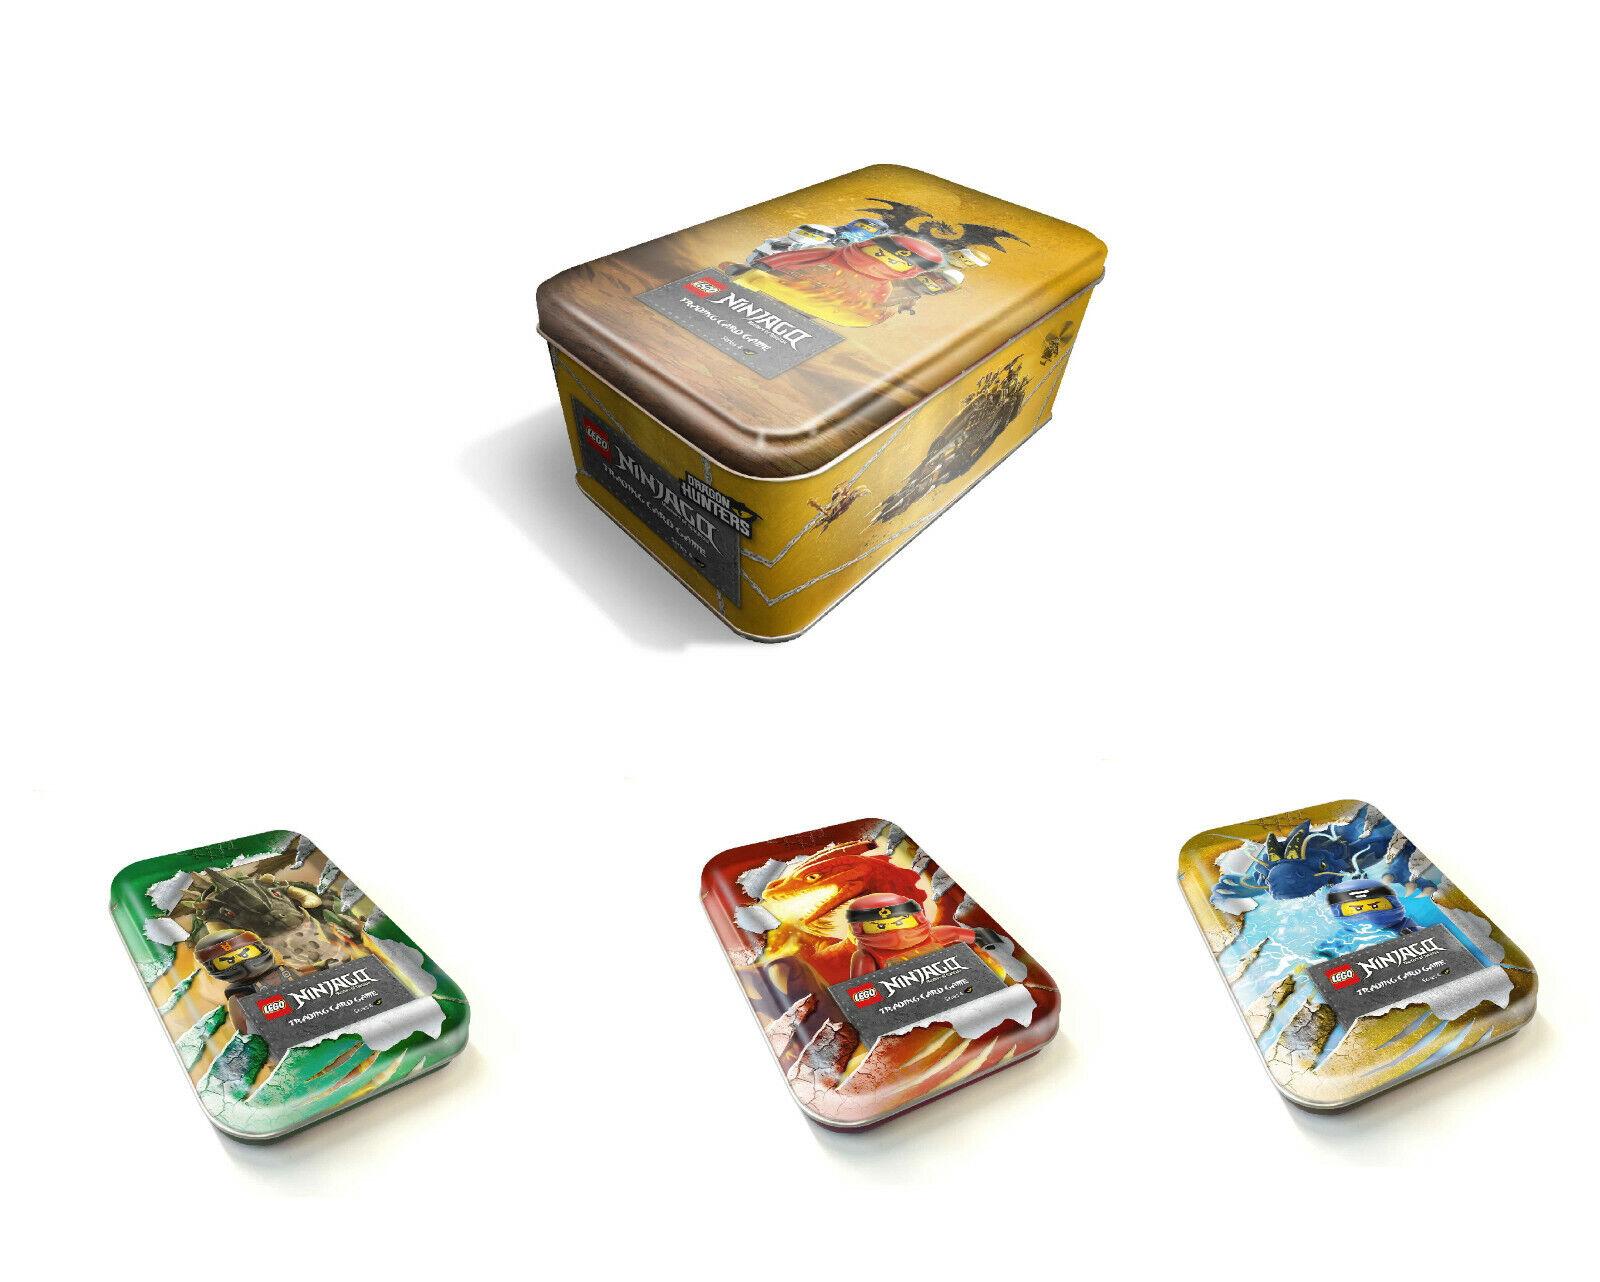 bluee Ocean Lego Ninjago Serie 4 Tin Box green red   gold y Grande XL Bote